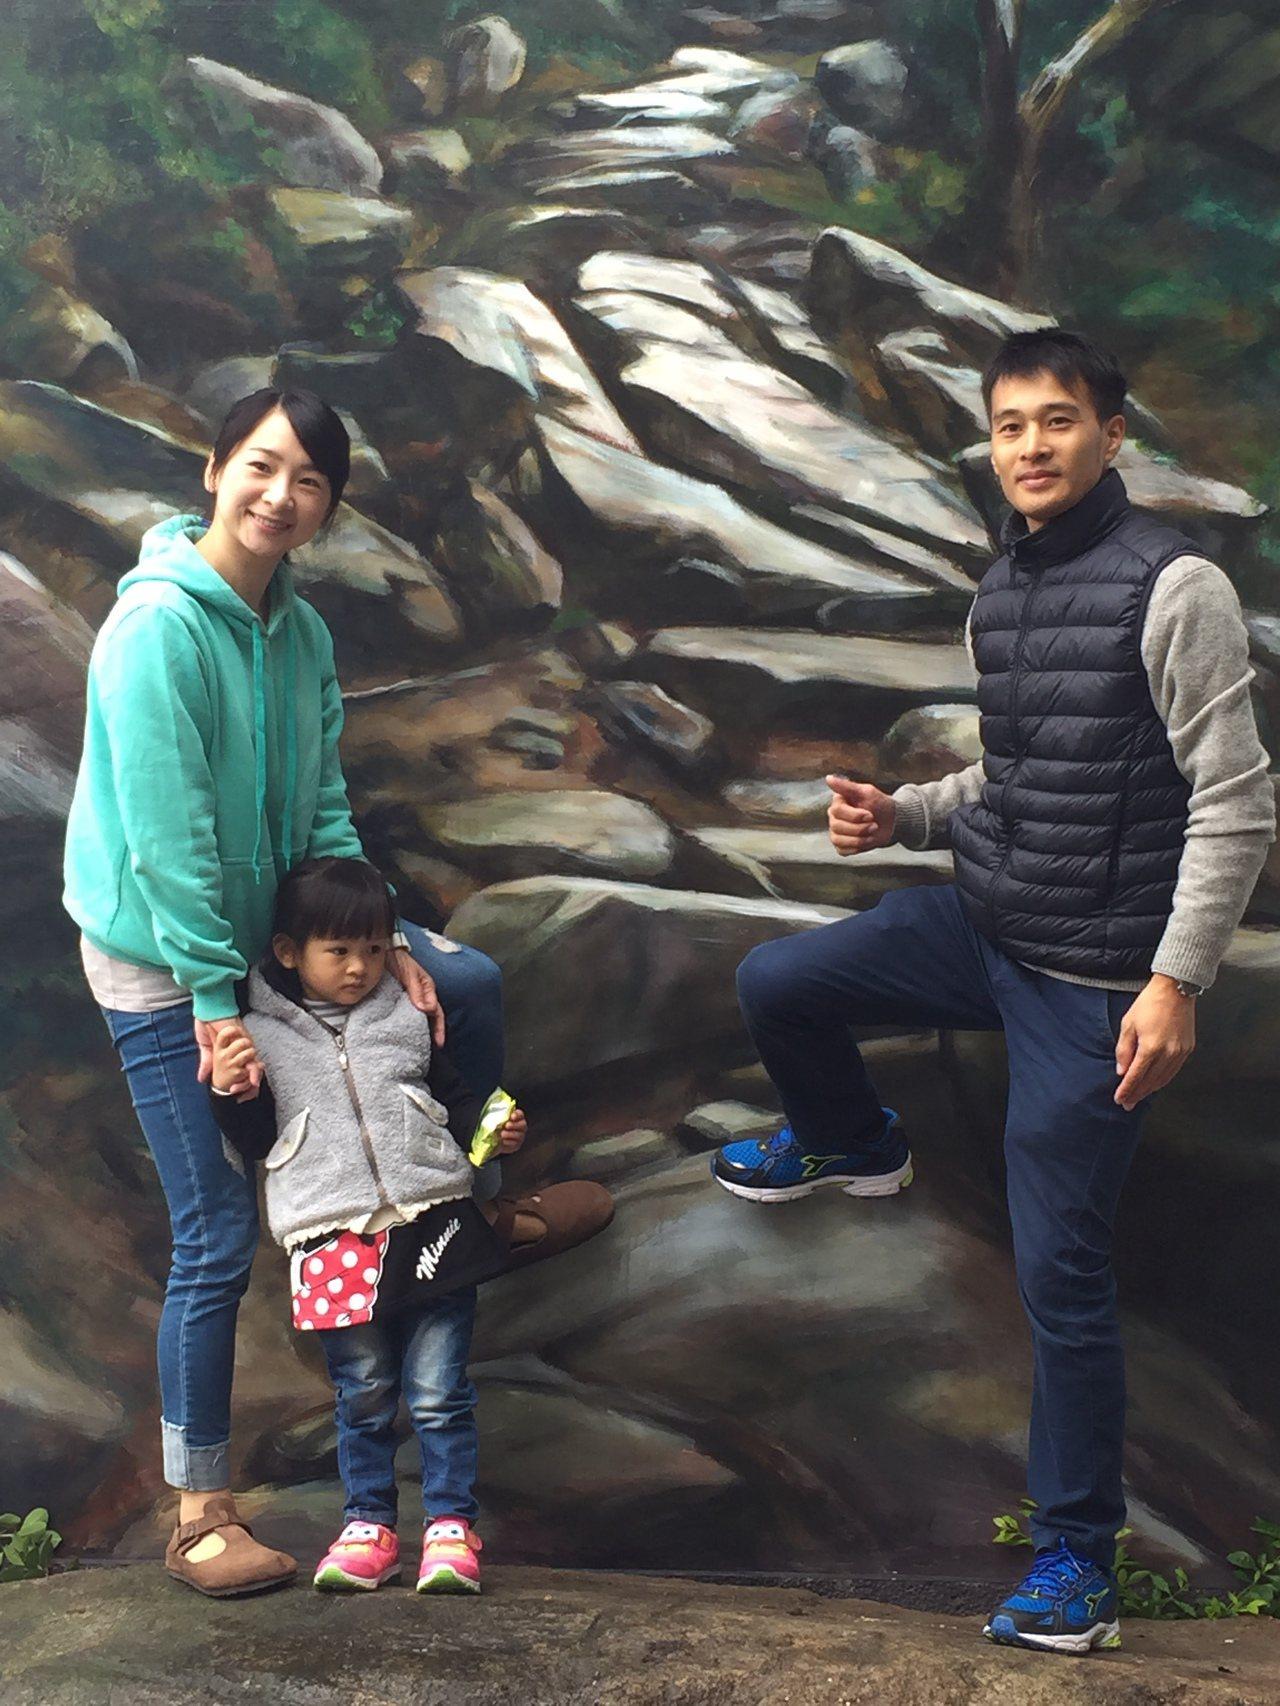 蔡厝的「豆腐古道」藝術地景,吸引不少民眾到此打卡拍照,成為新景點。記者蔡家蓁/攝...